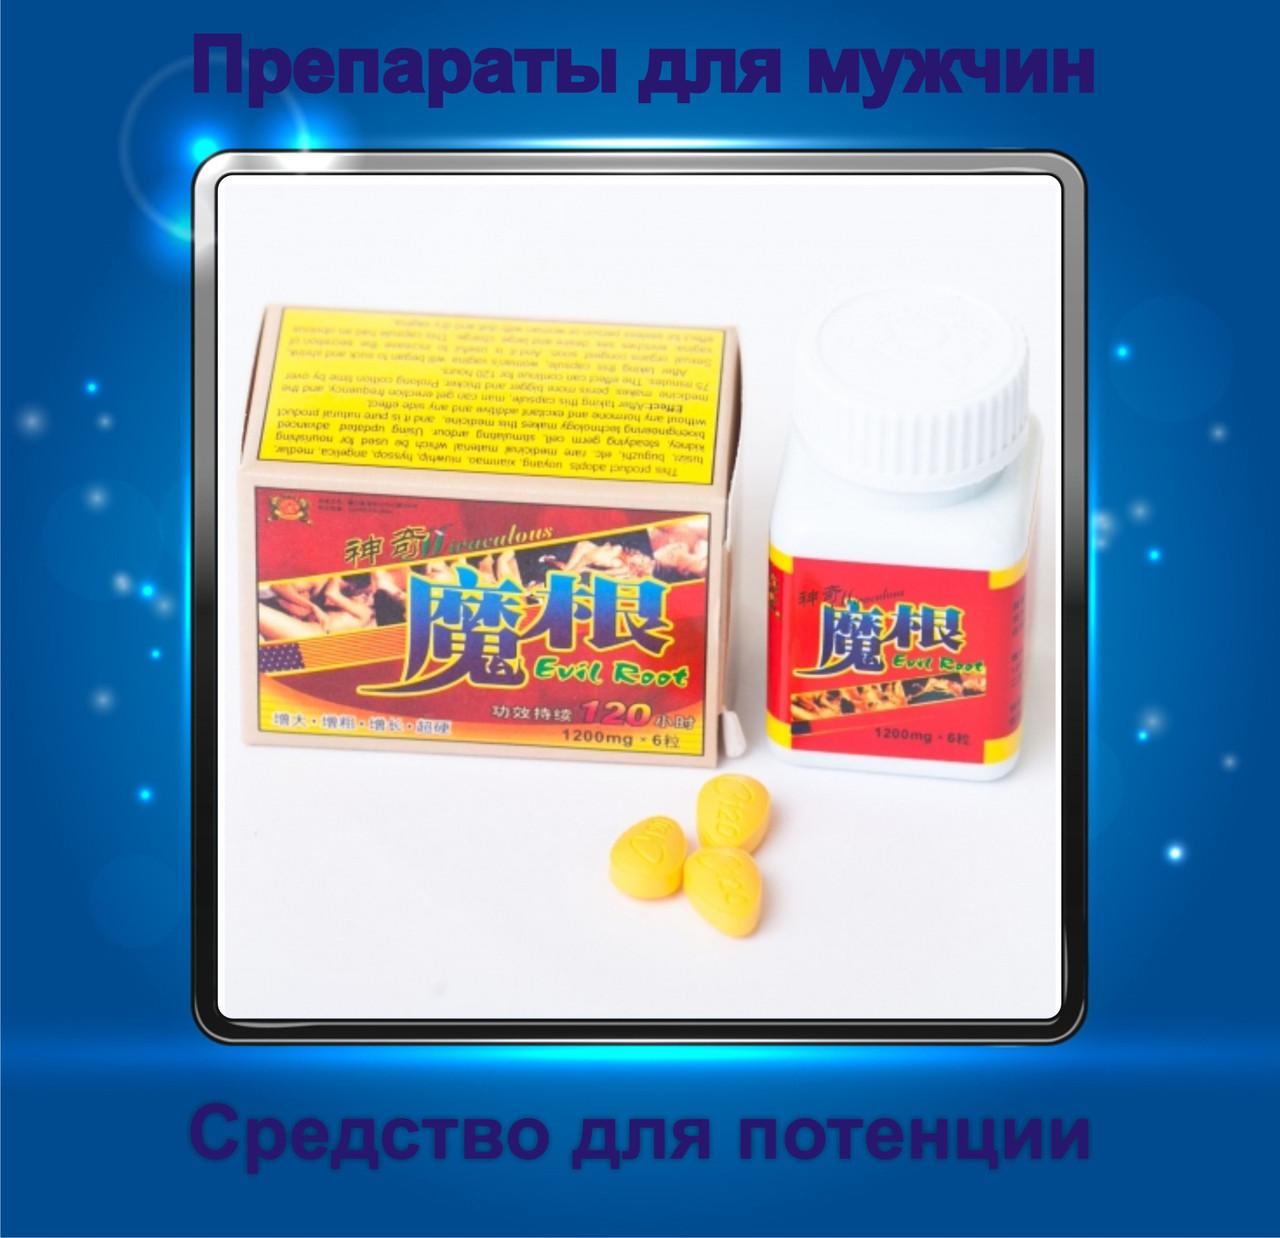 """""""Evil Root"""" (Ивл Рут) - сильнейший препарат для повышения потенции! (6 таблеток)."""